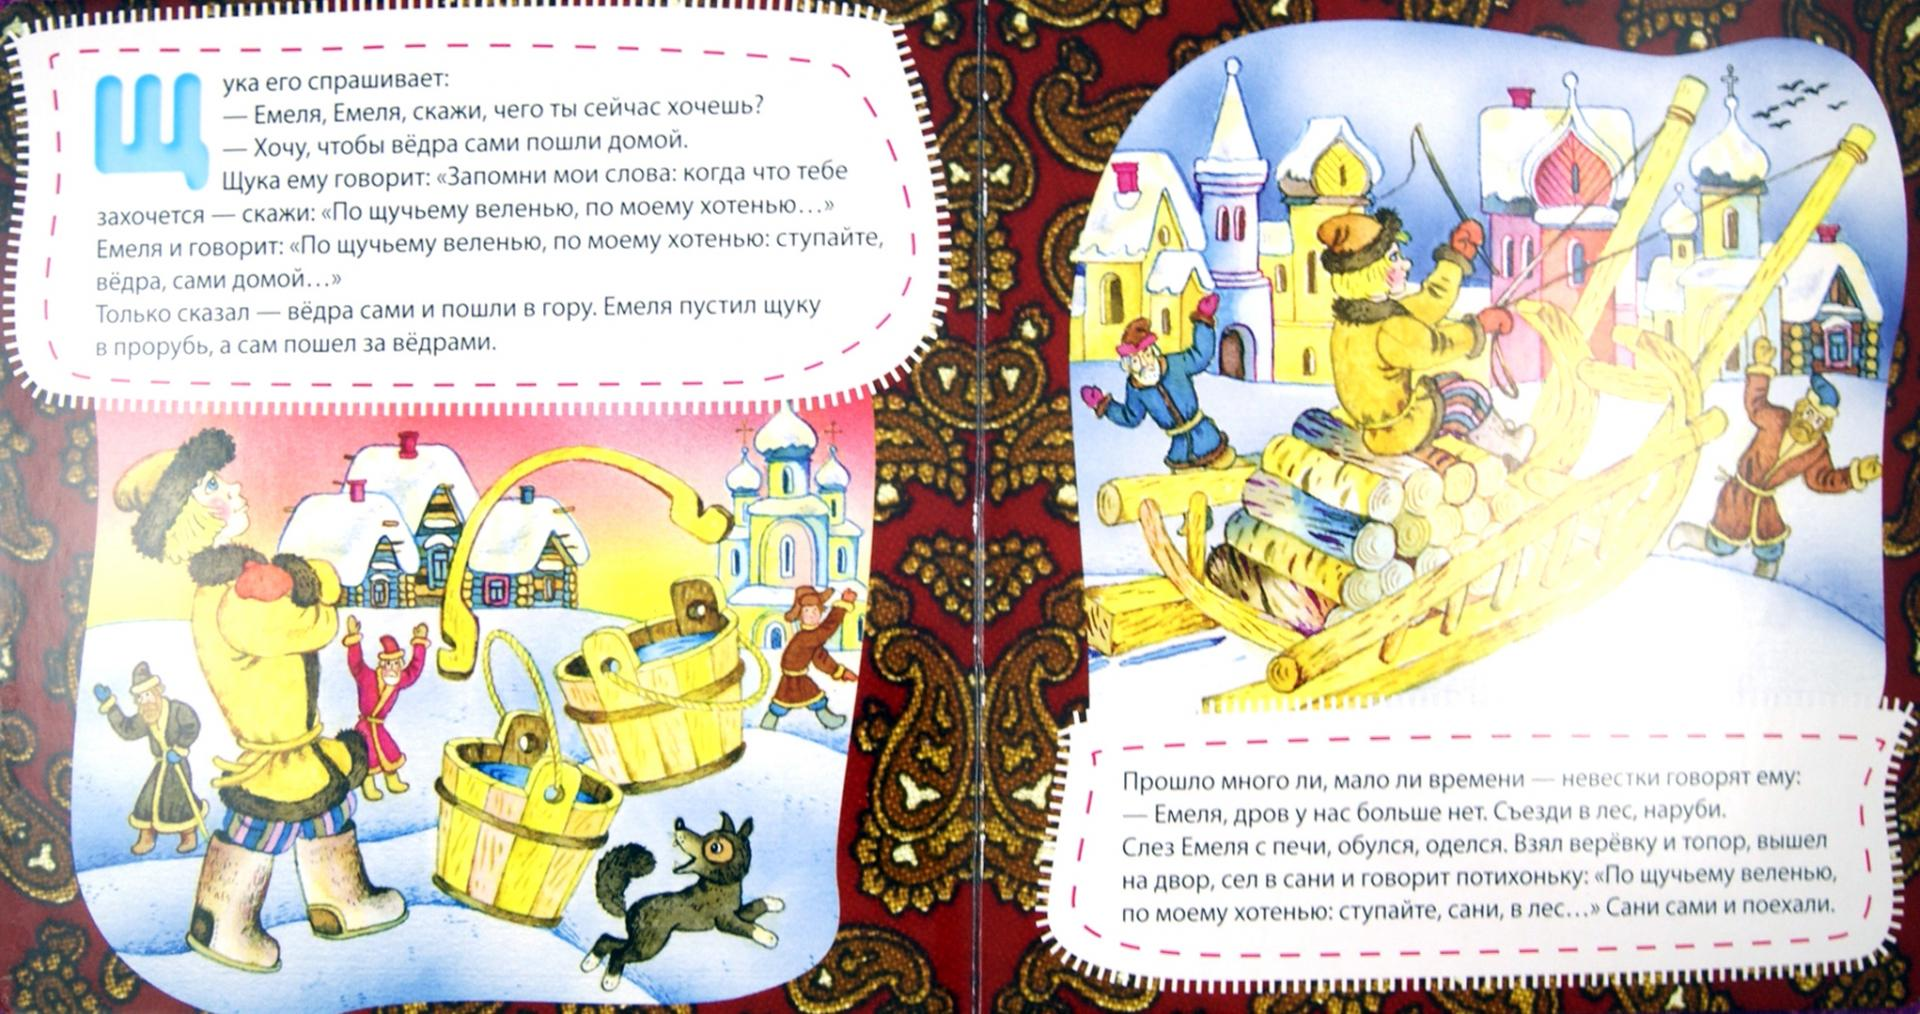 главные герои сказки по щучьему велению для читательского дневника даже чего